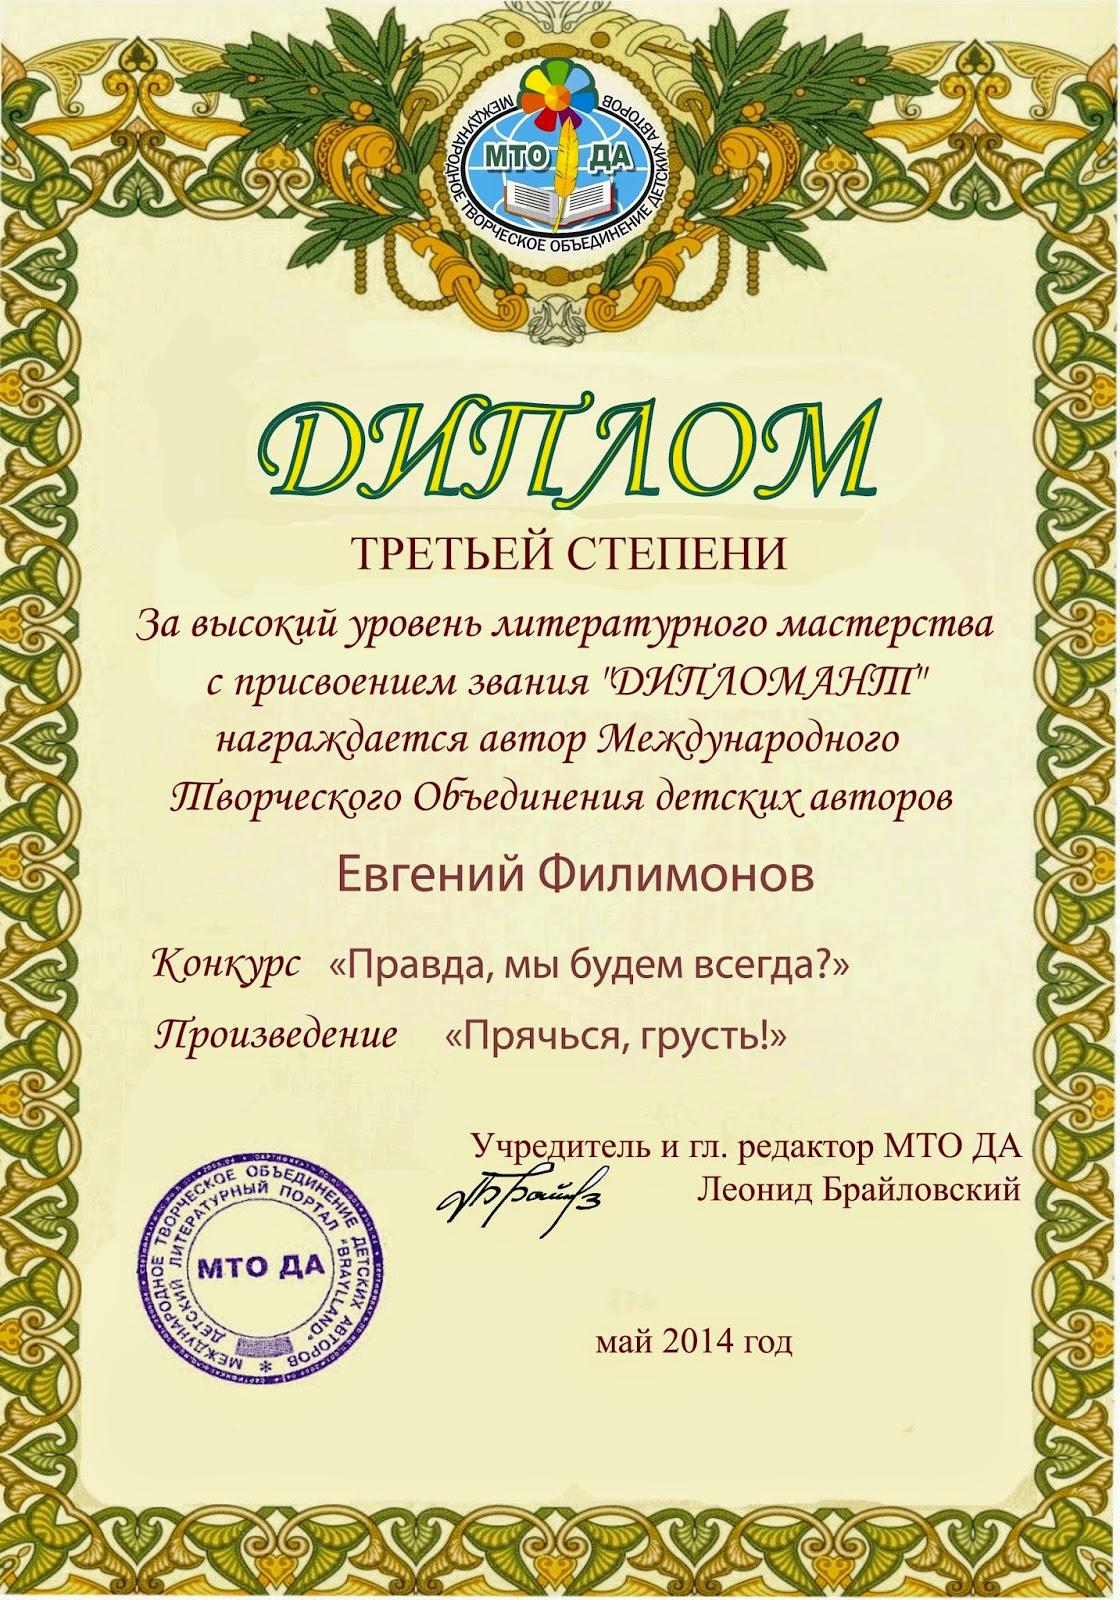 МТО ДА - диплом третьей степени